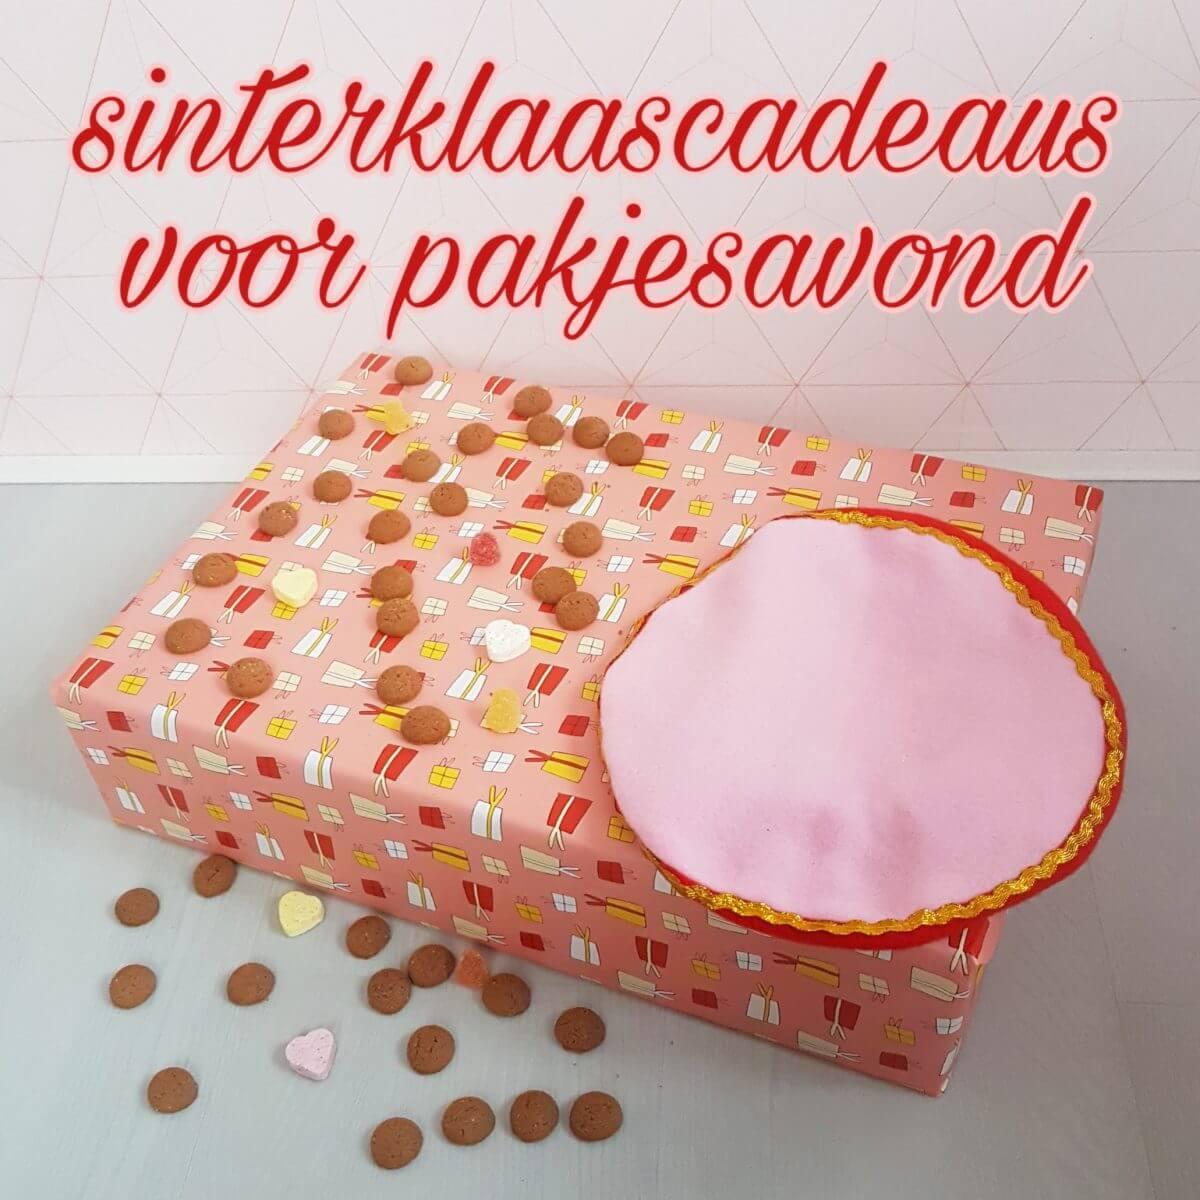 De favoriete cadeaus van Sinterklaas voor pakjesavond